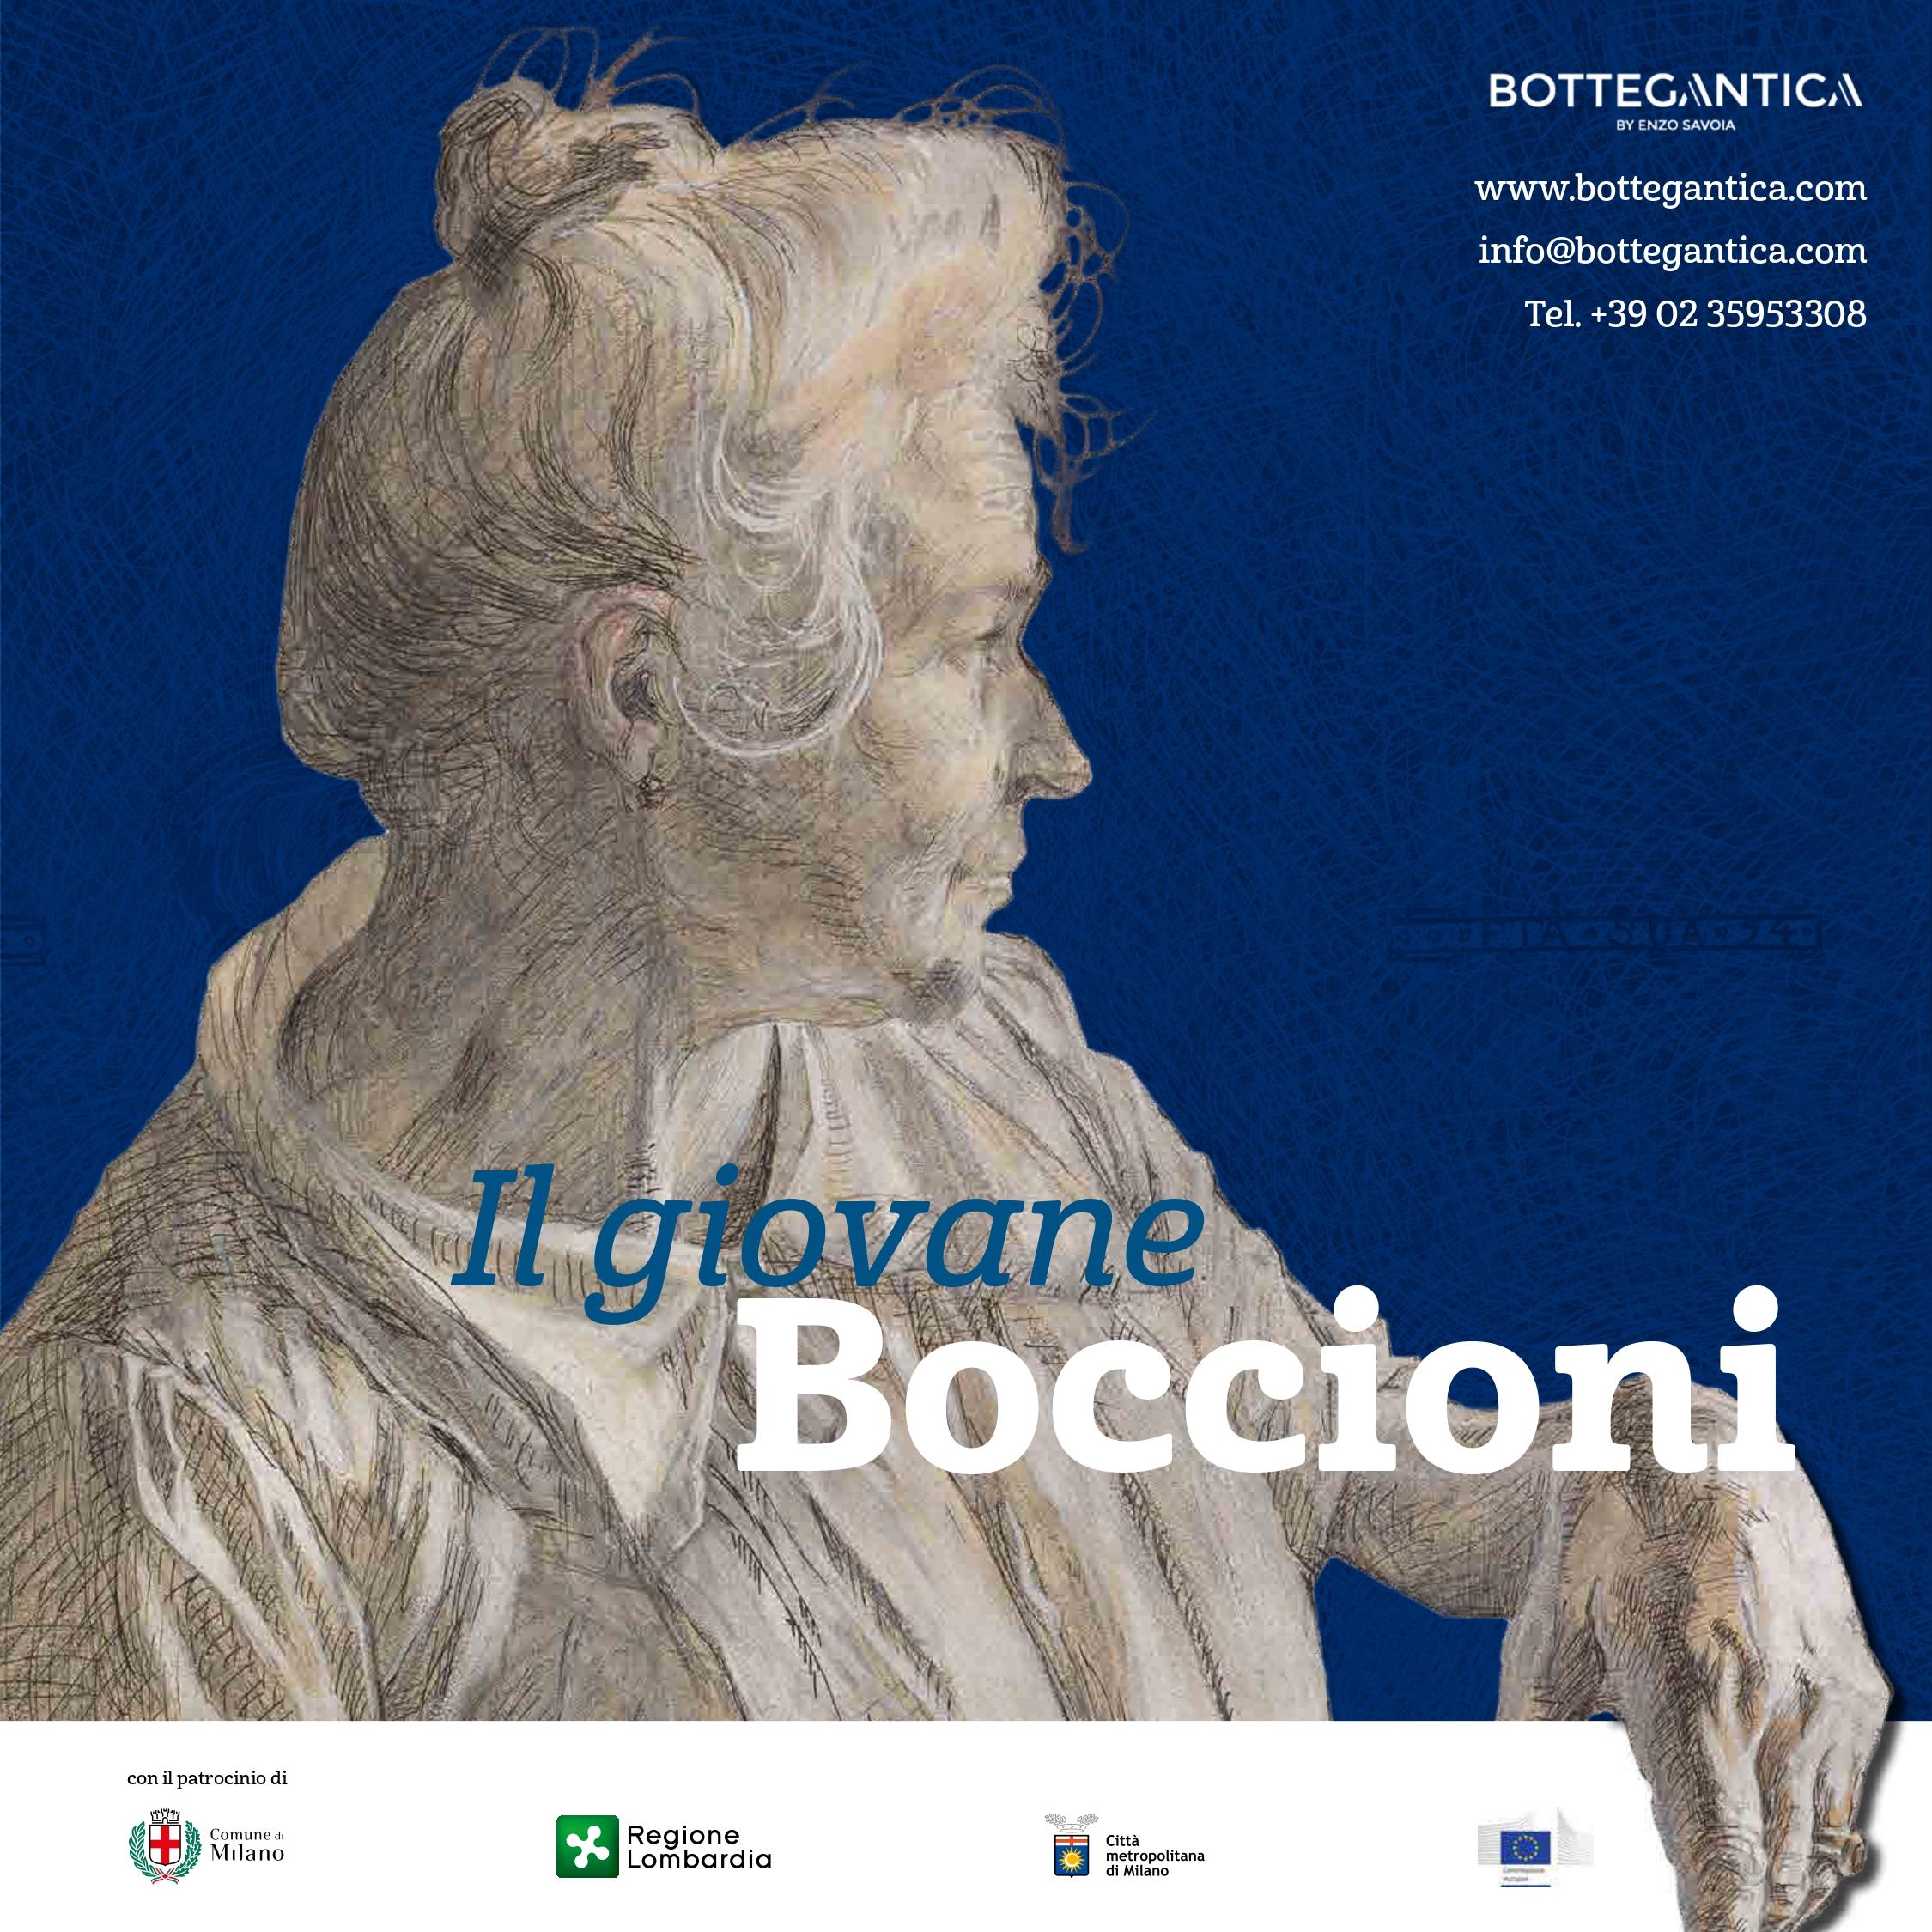 Il giovane Boccioni, Bottegantica